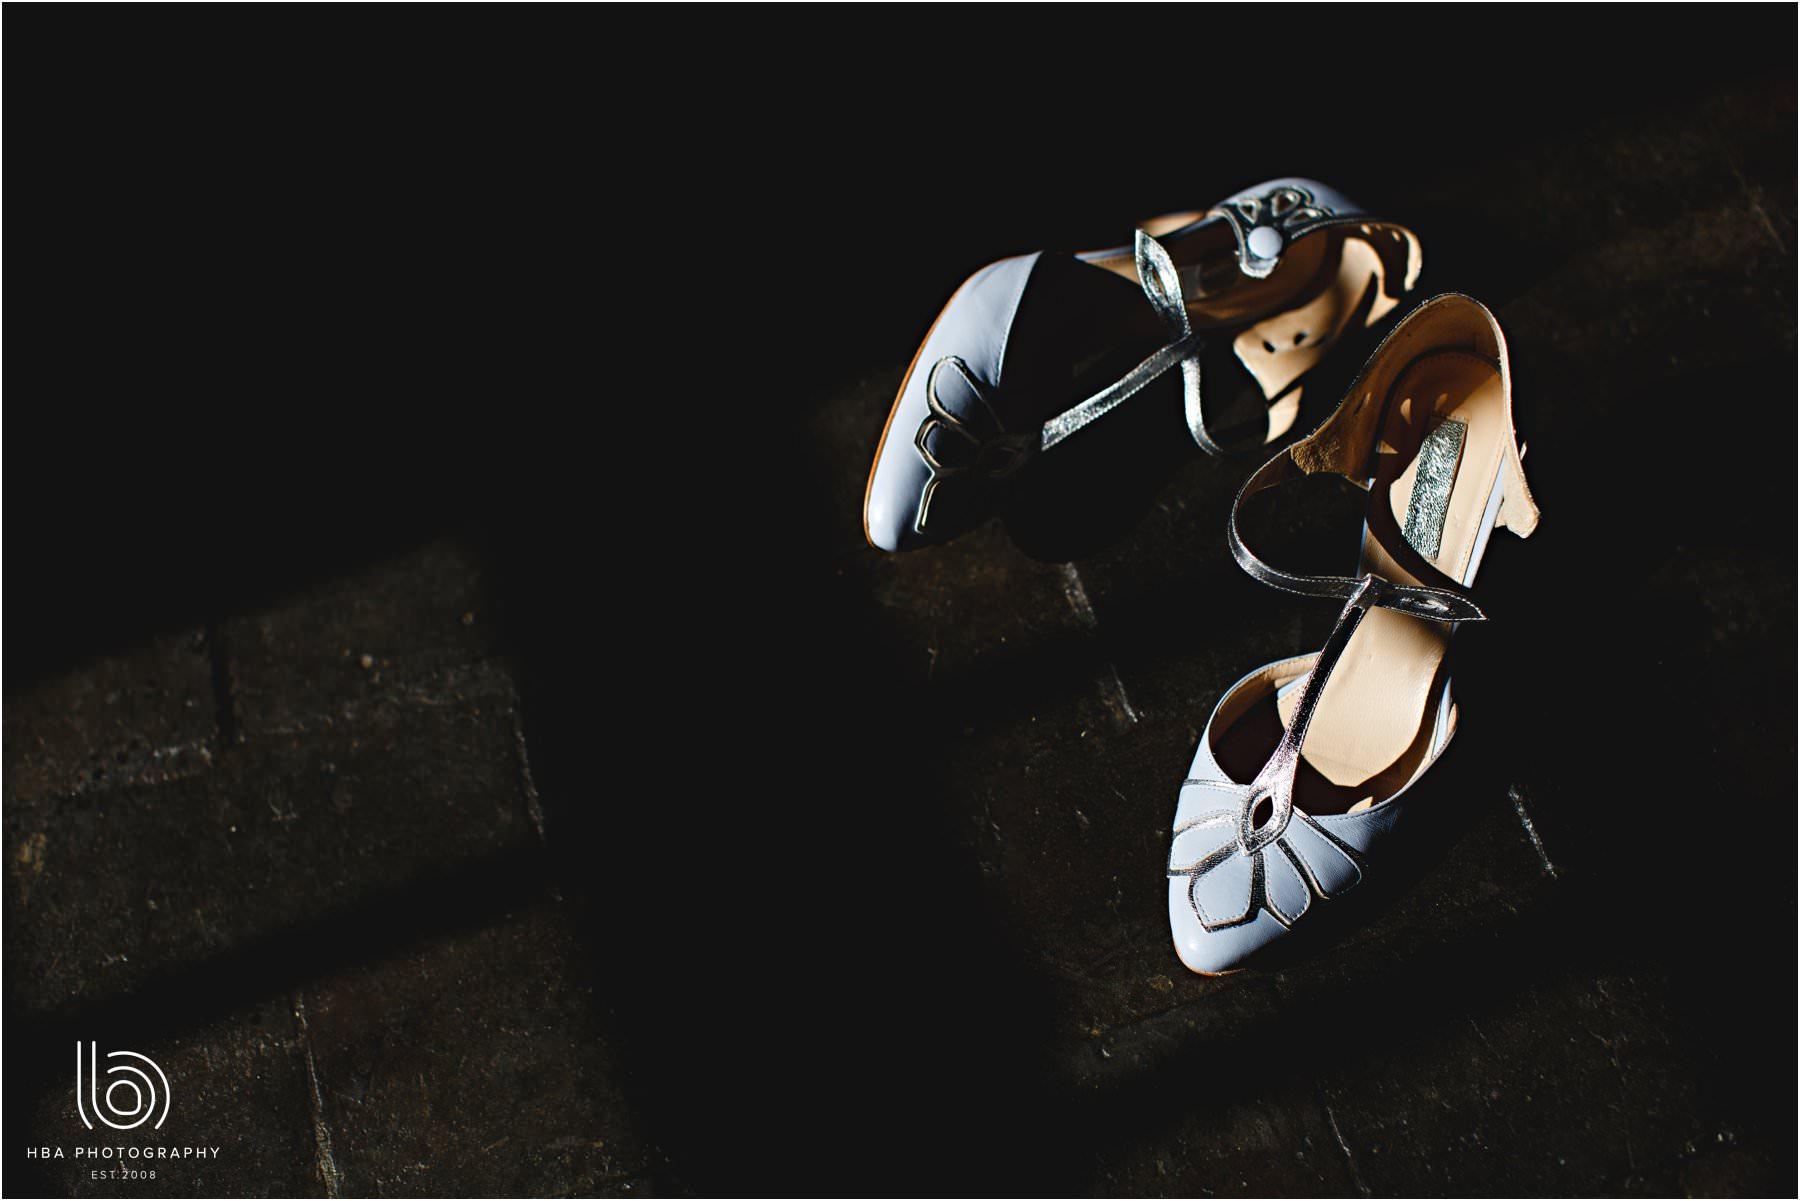 The bride's Rachel Simpson shoes